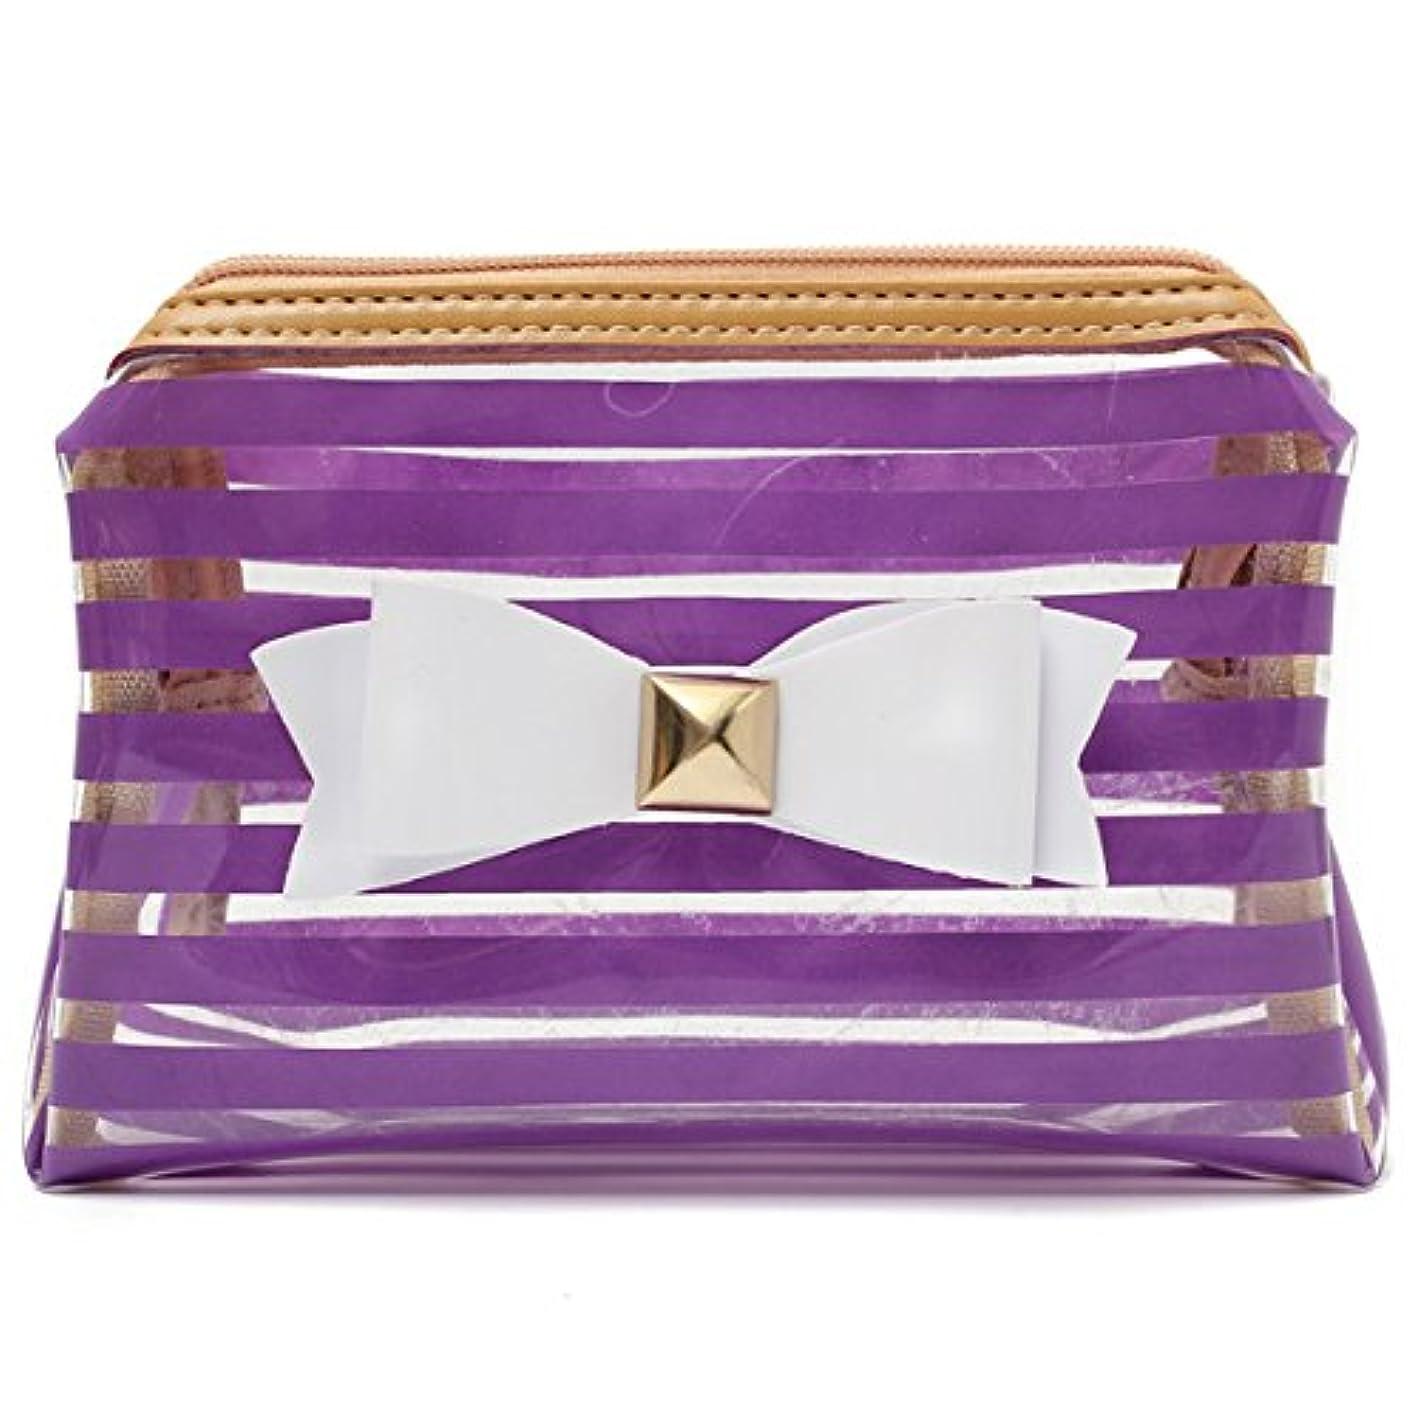 自動化誓うプラグYZUEYT ストライプ透明な化粧品のバッグ旅行PVCボウタイはオーガナイザーケースを作る YZUEYT (Color : Color Purple Hippo)